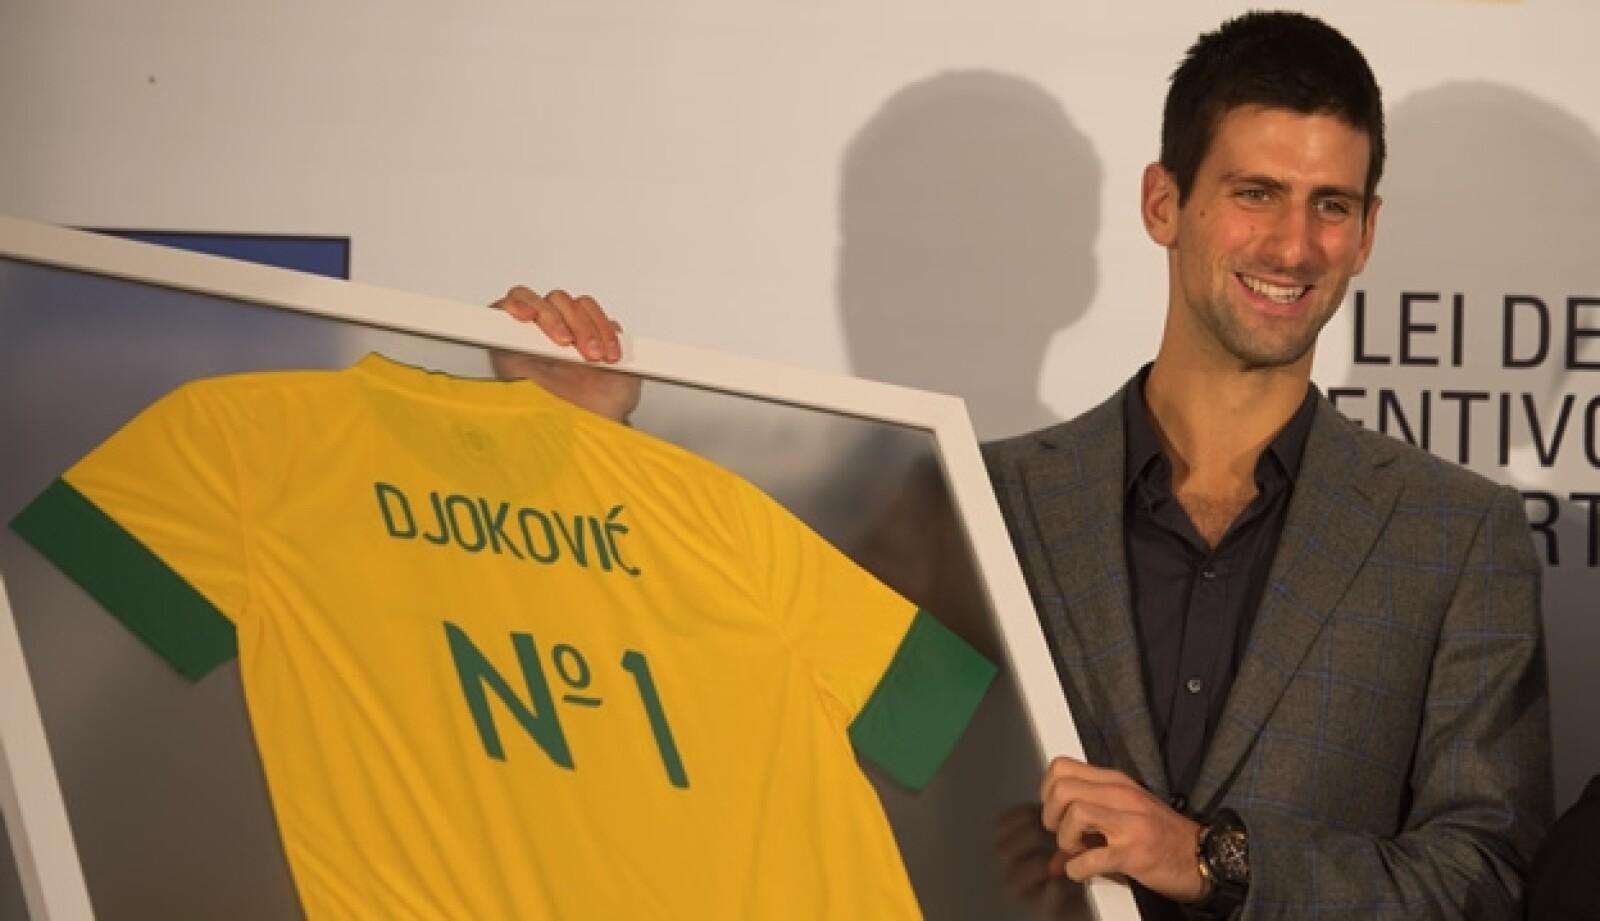 Djokovic - Río de Janeiro, favelas 3